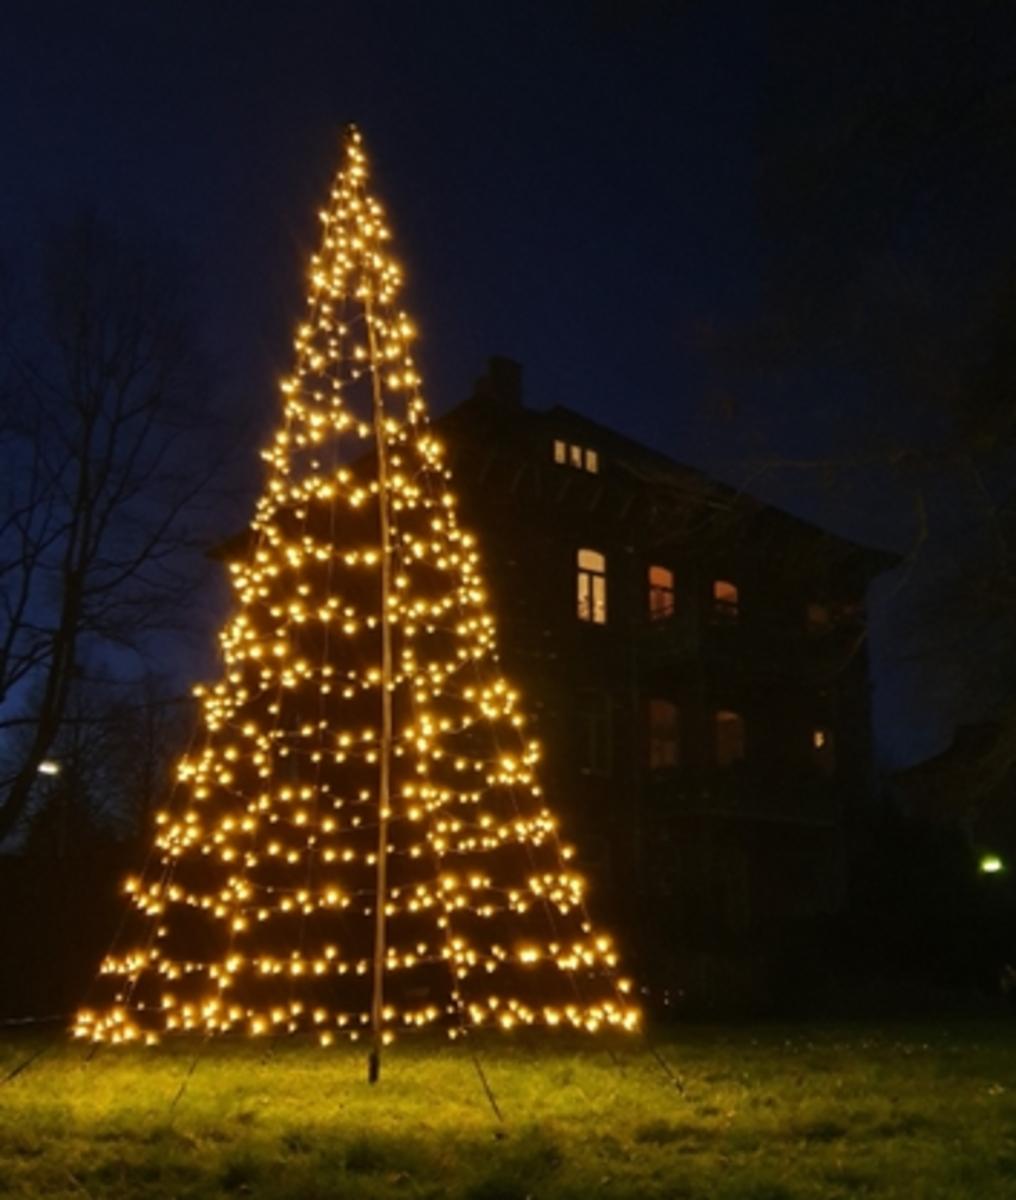 Bild 1 von Star-Max Galaxy LED Tannenbaum 300 cm mit 480 warm weißen LED